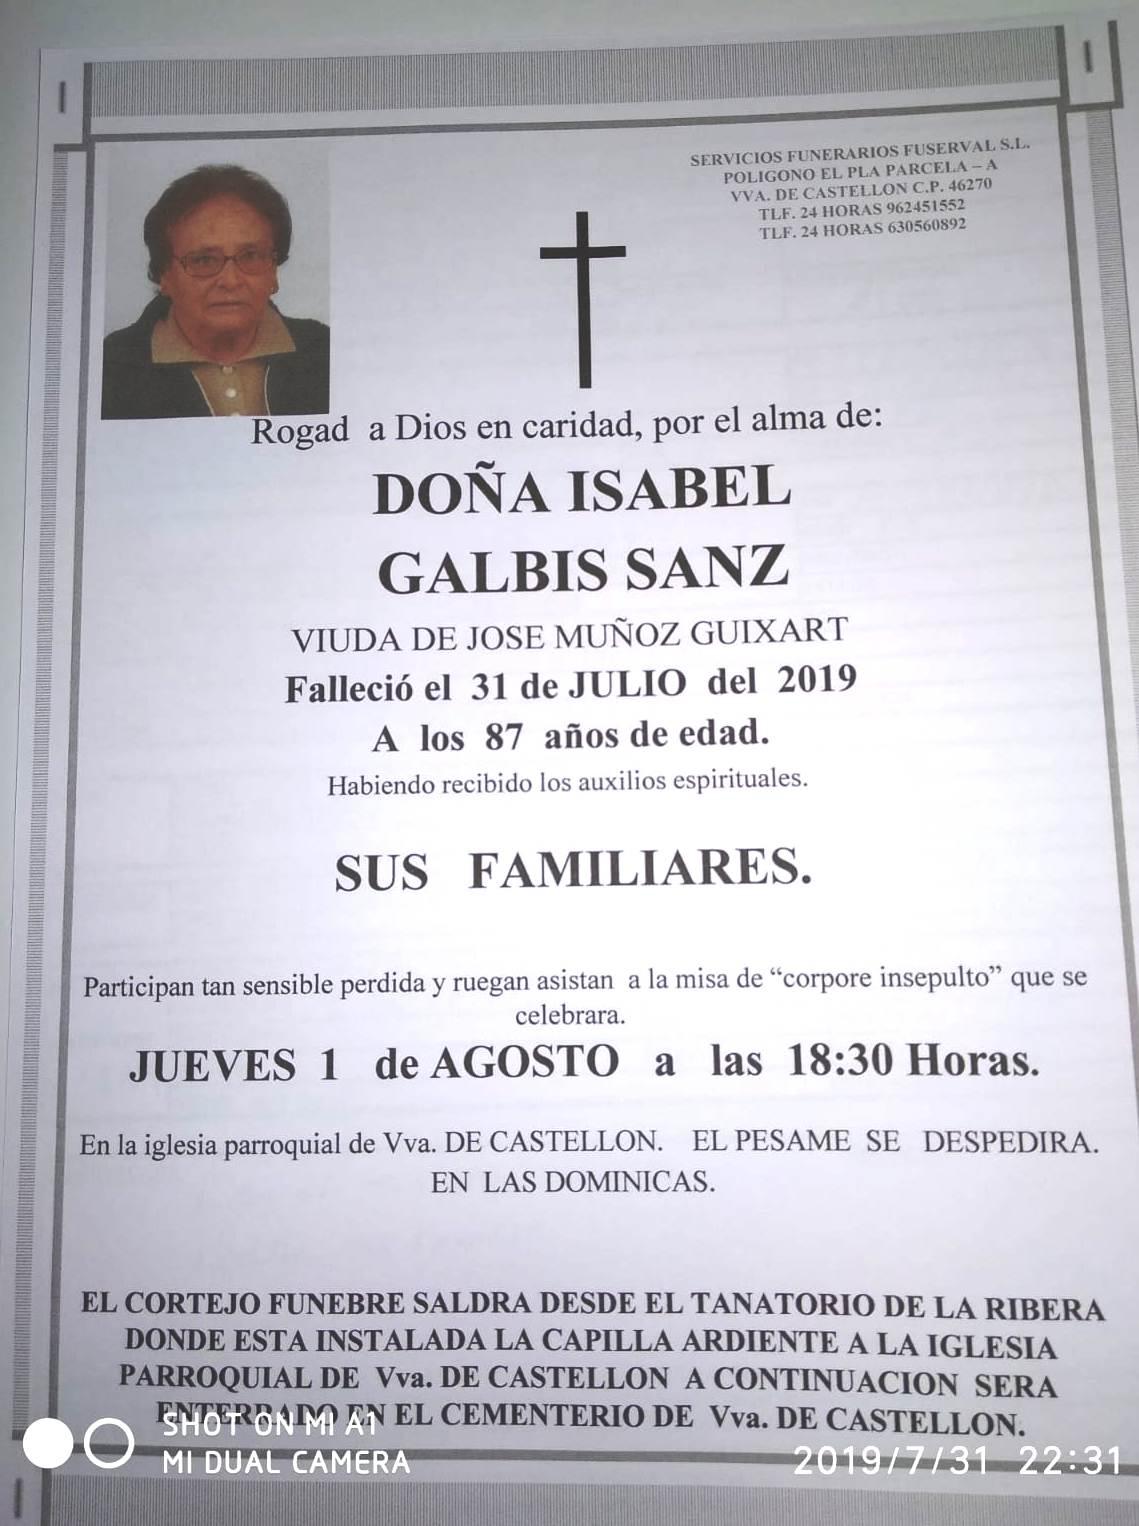 ISABEL GALBIS SANZ